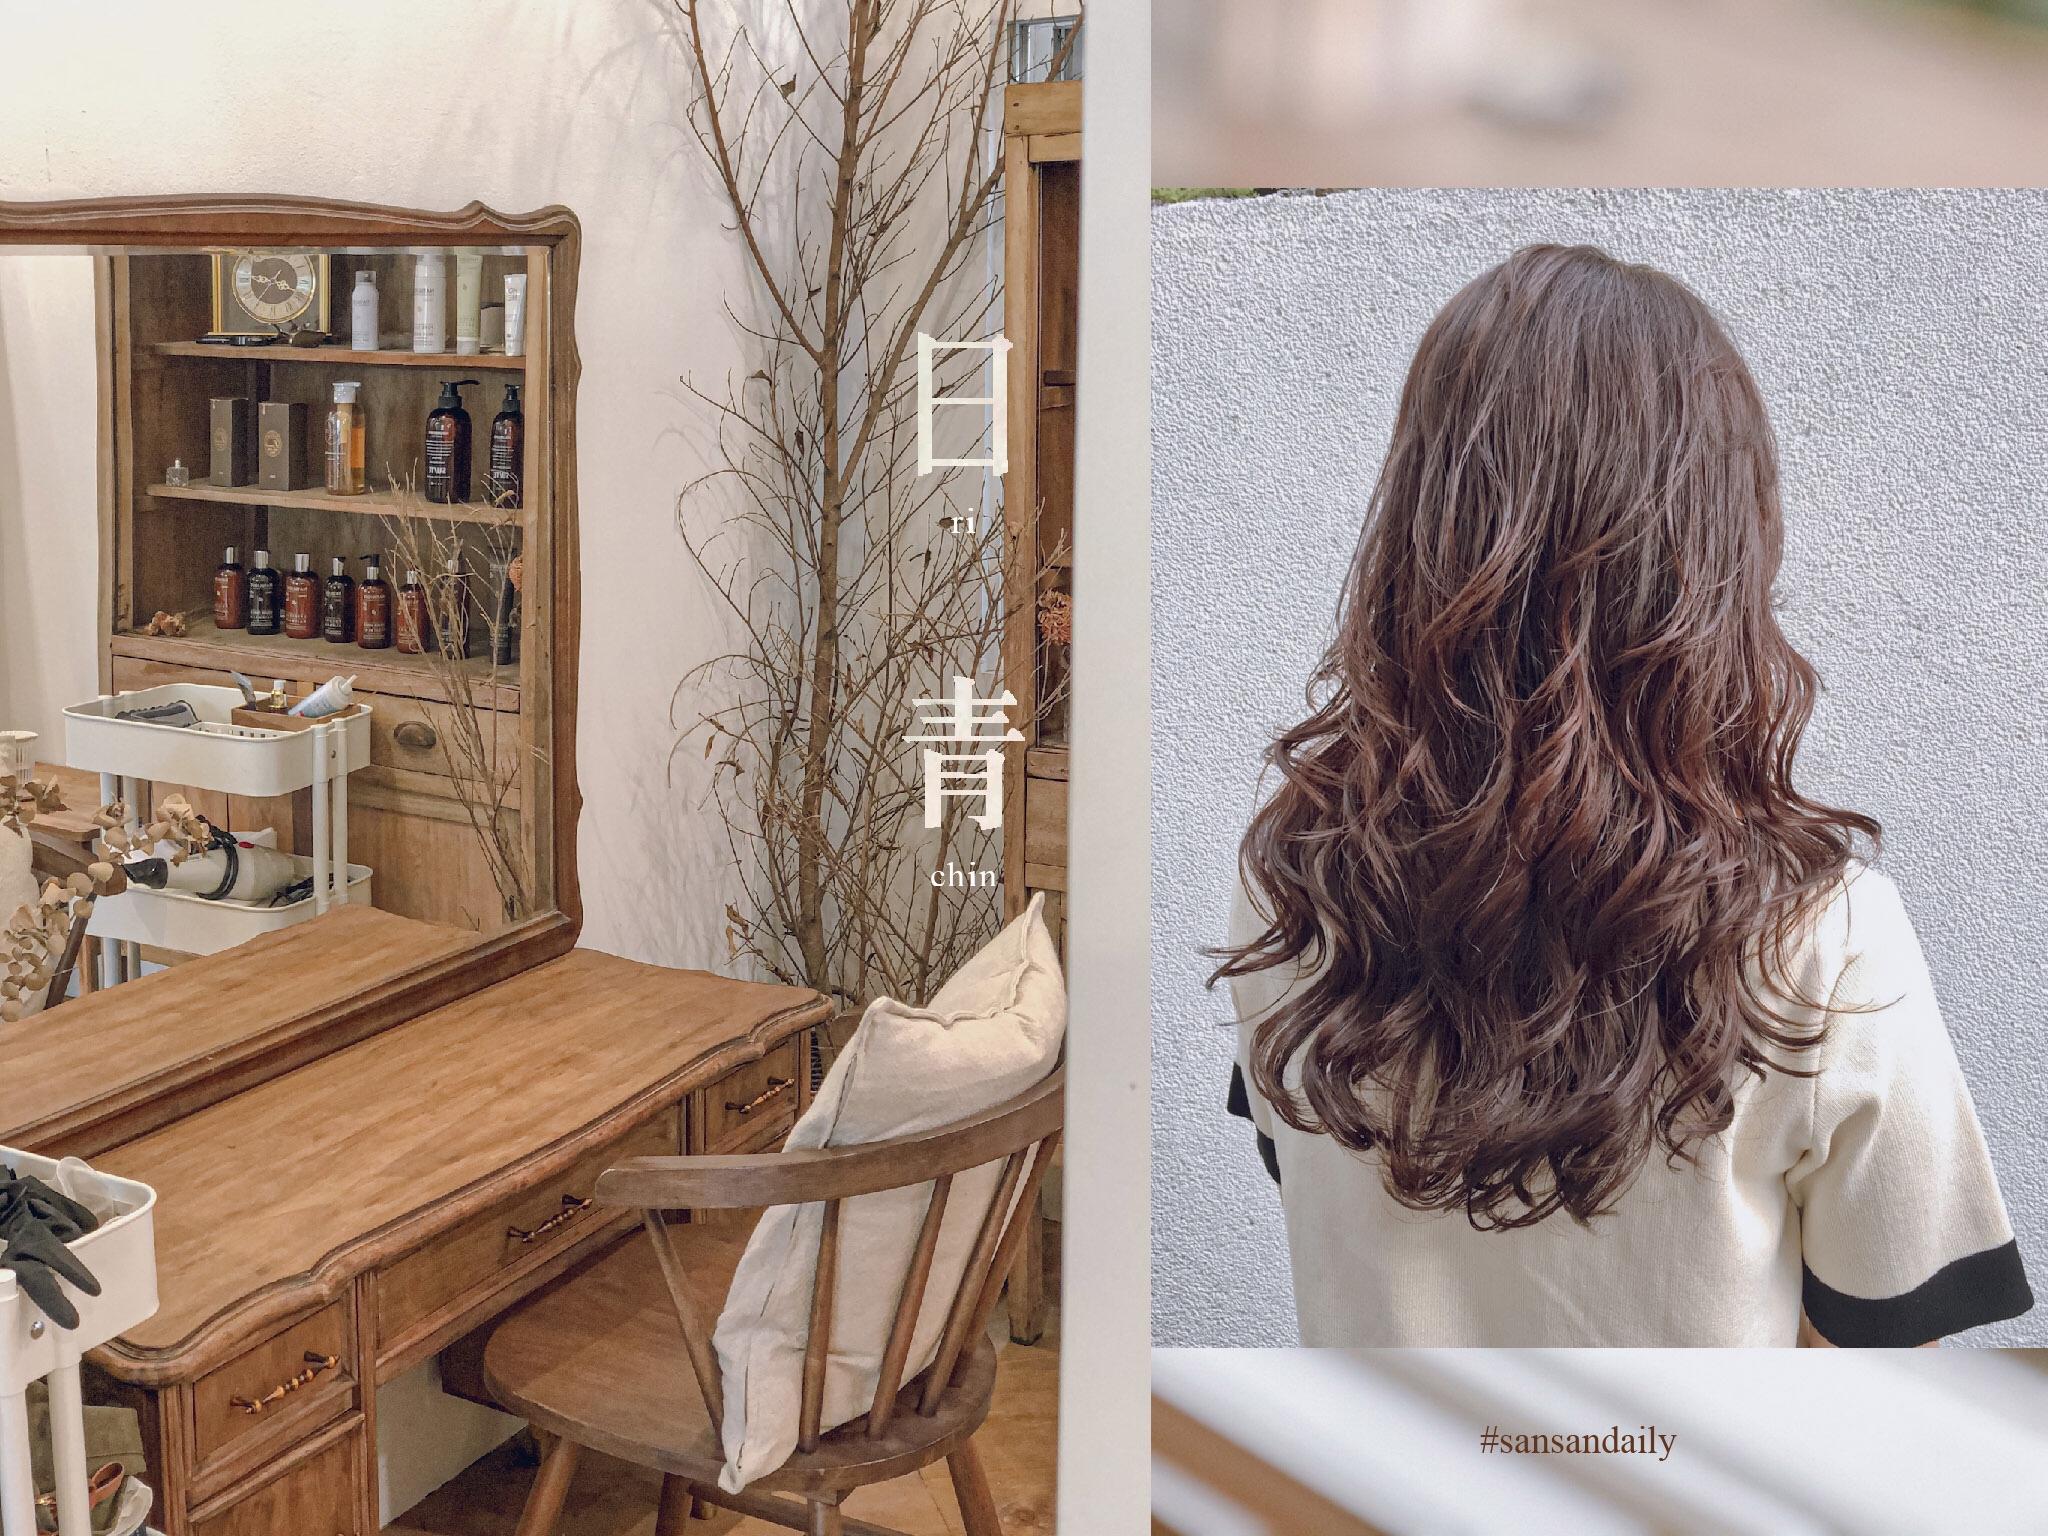 這麼美太犯規!日青髮廊超韓系網美裝潢 士林站燙髮染髮推薦|sansan日常分享